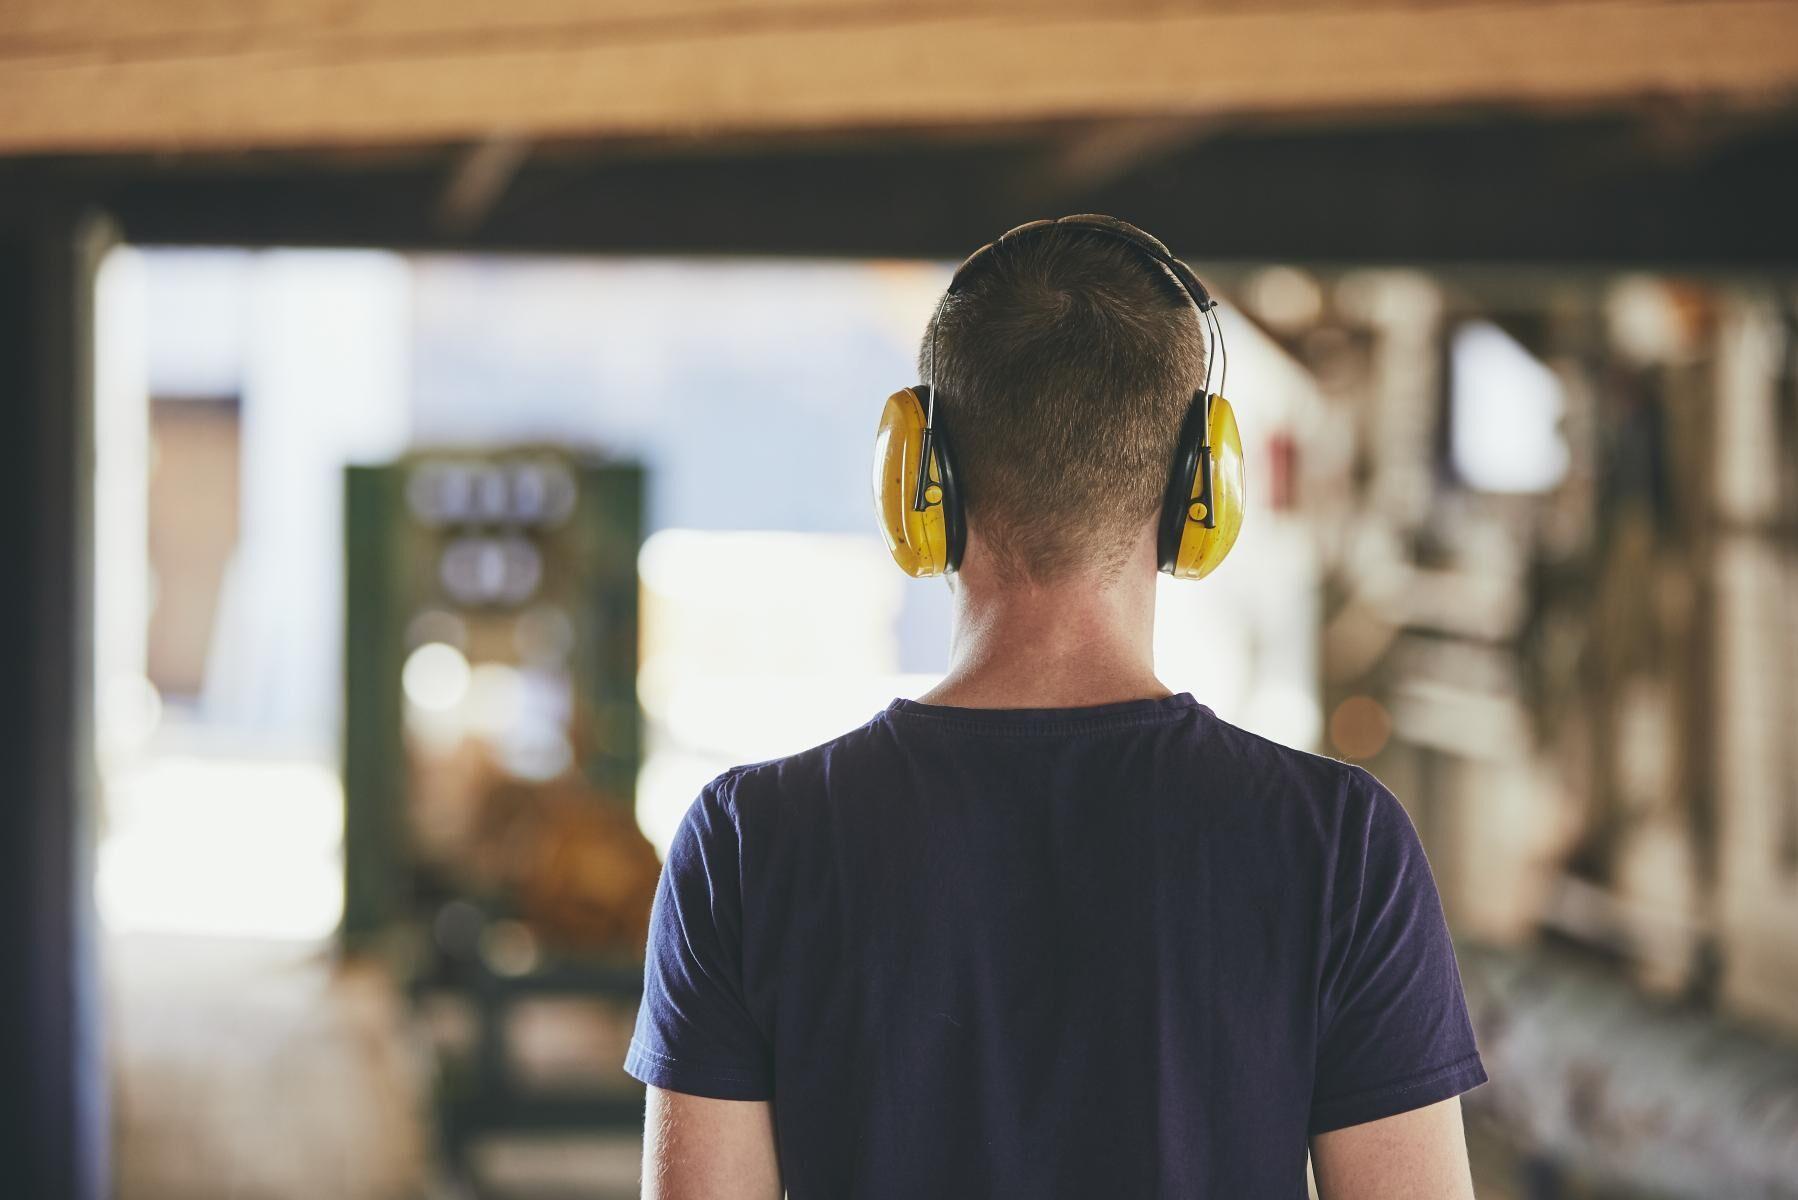 Många företag föredrar att anställa en utbildad sågverksoperatör som kan hela processen på ett sågverk, framför att anställa en person att lära upp på ett specifikt moment i kedjan.